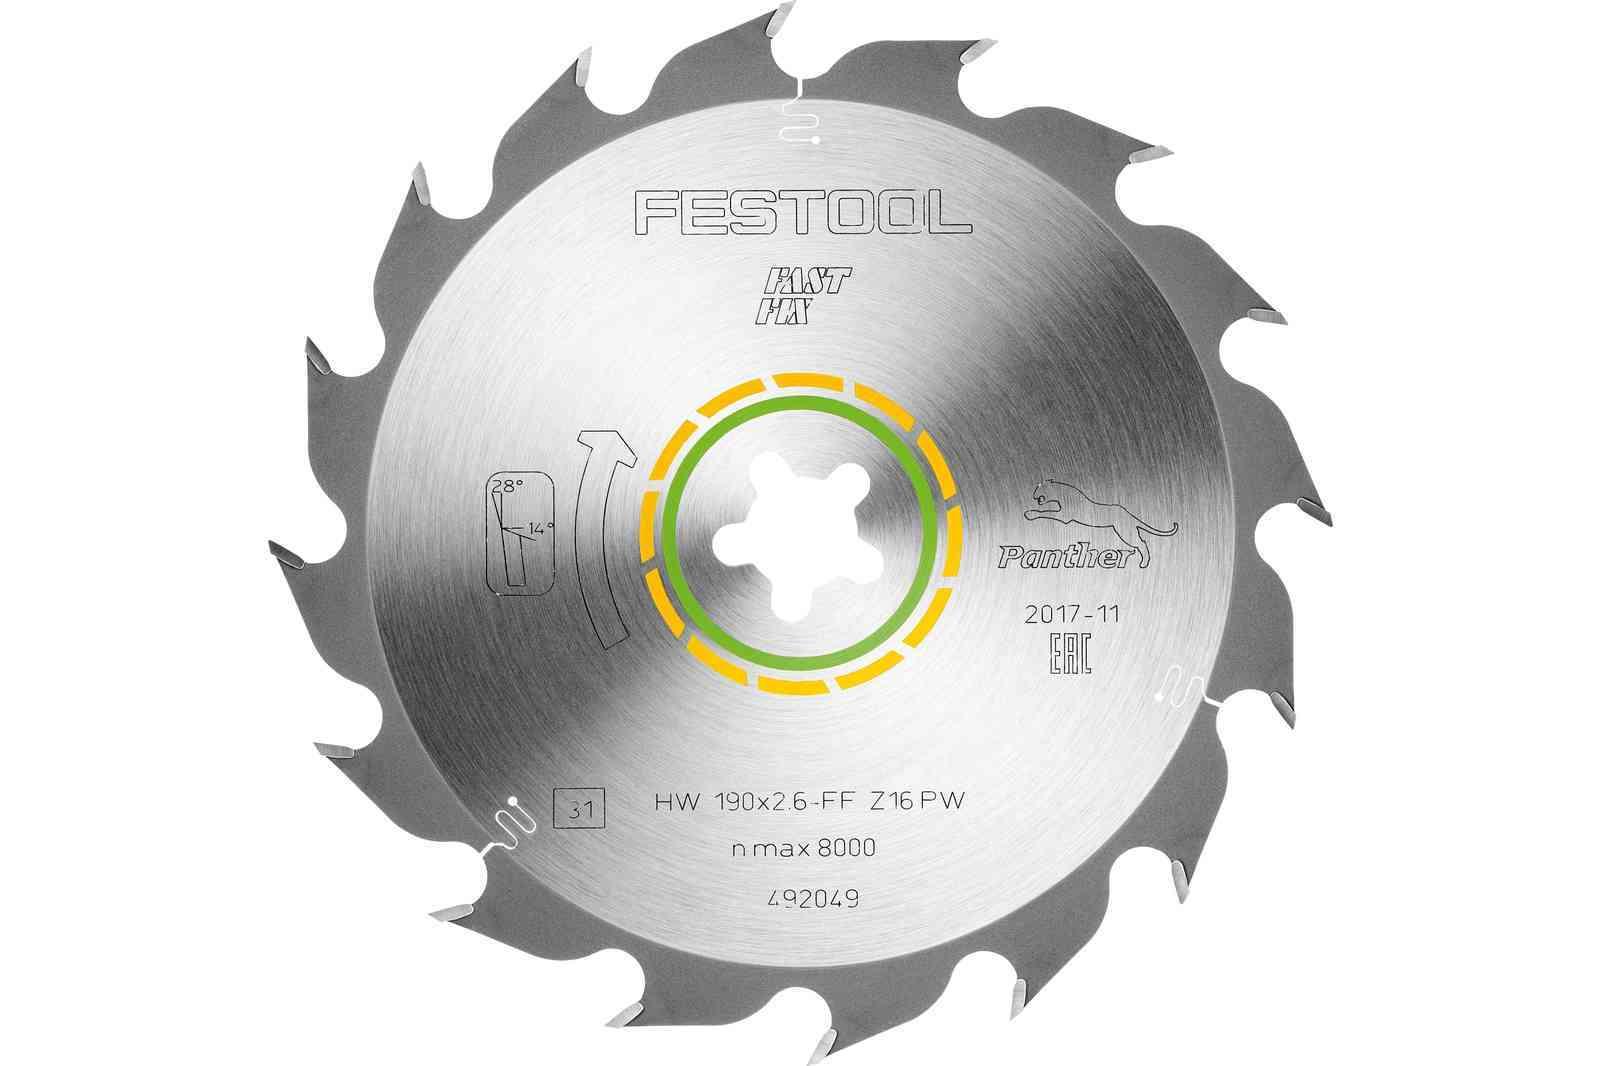 Диск пильный 190x2,6 FF PW16 Festool 492049